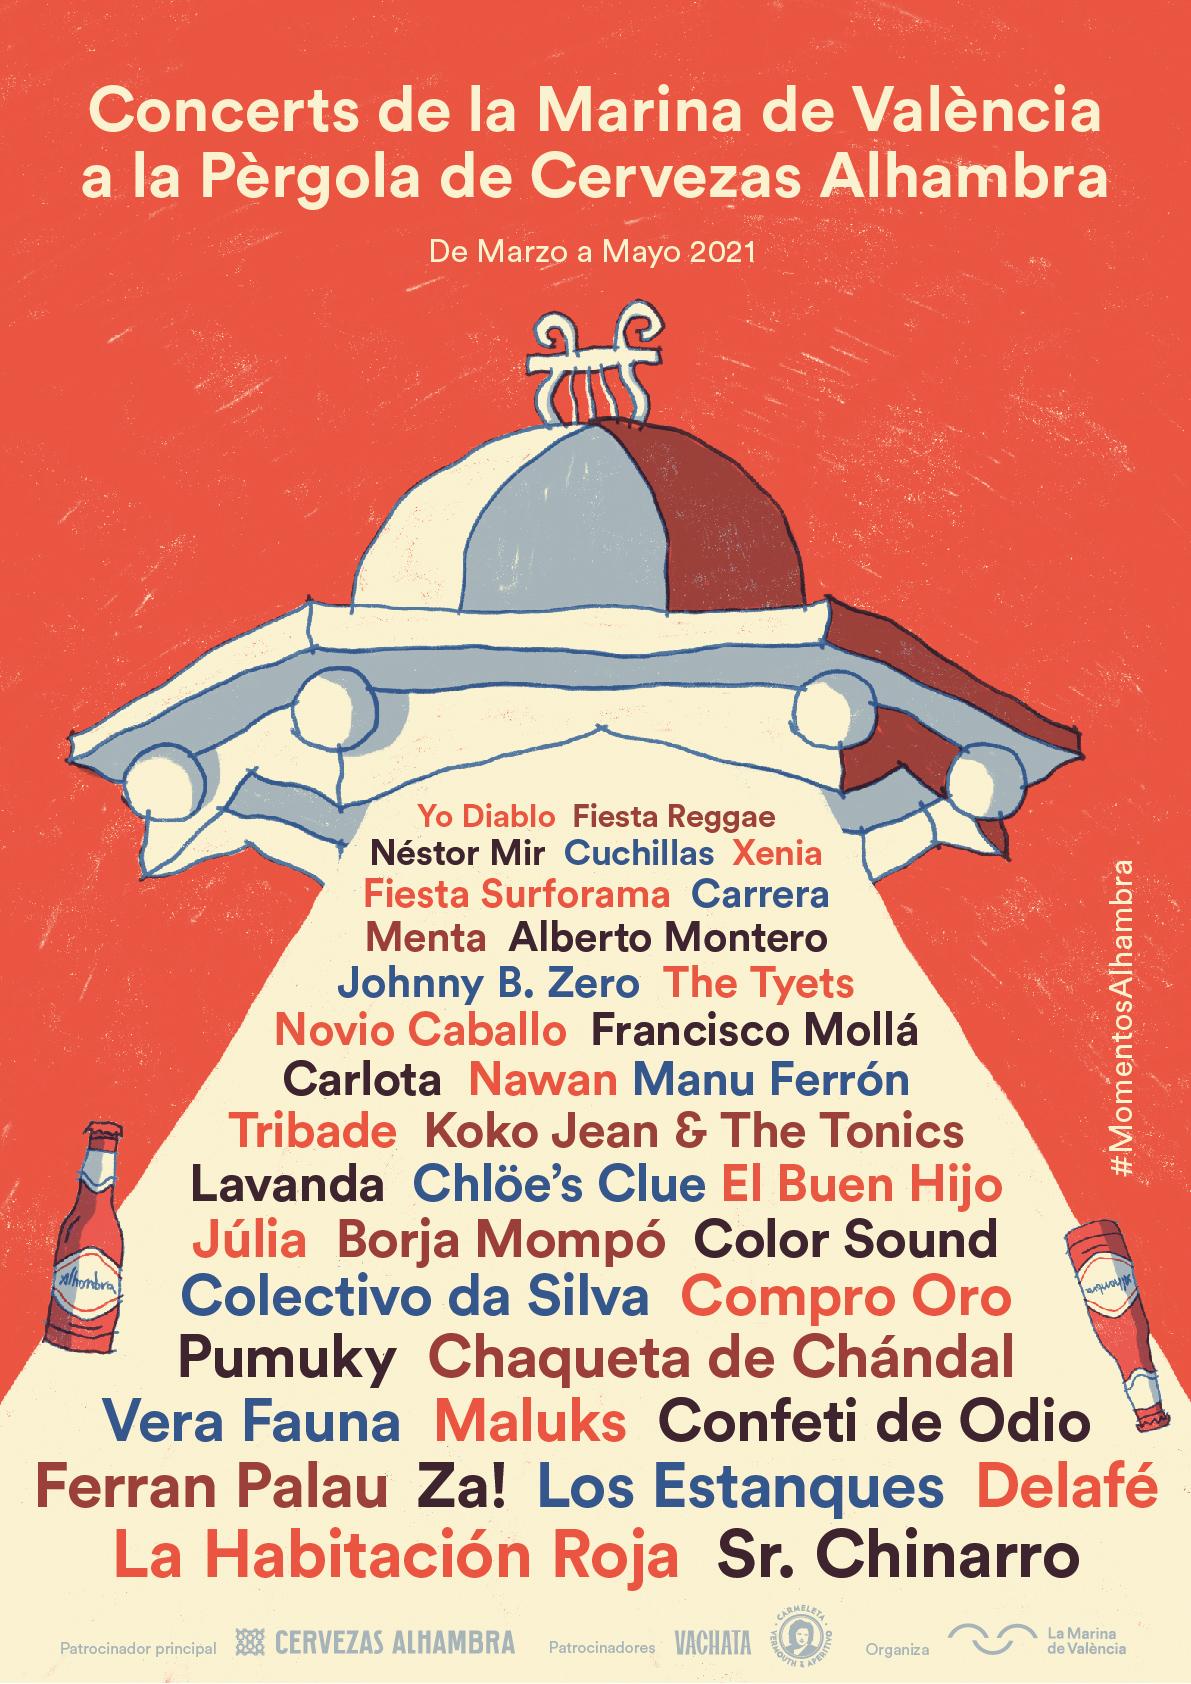 Conciertos en la Pergola La Marina de Valencia marzo - mayo 21